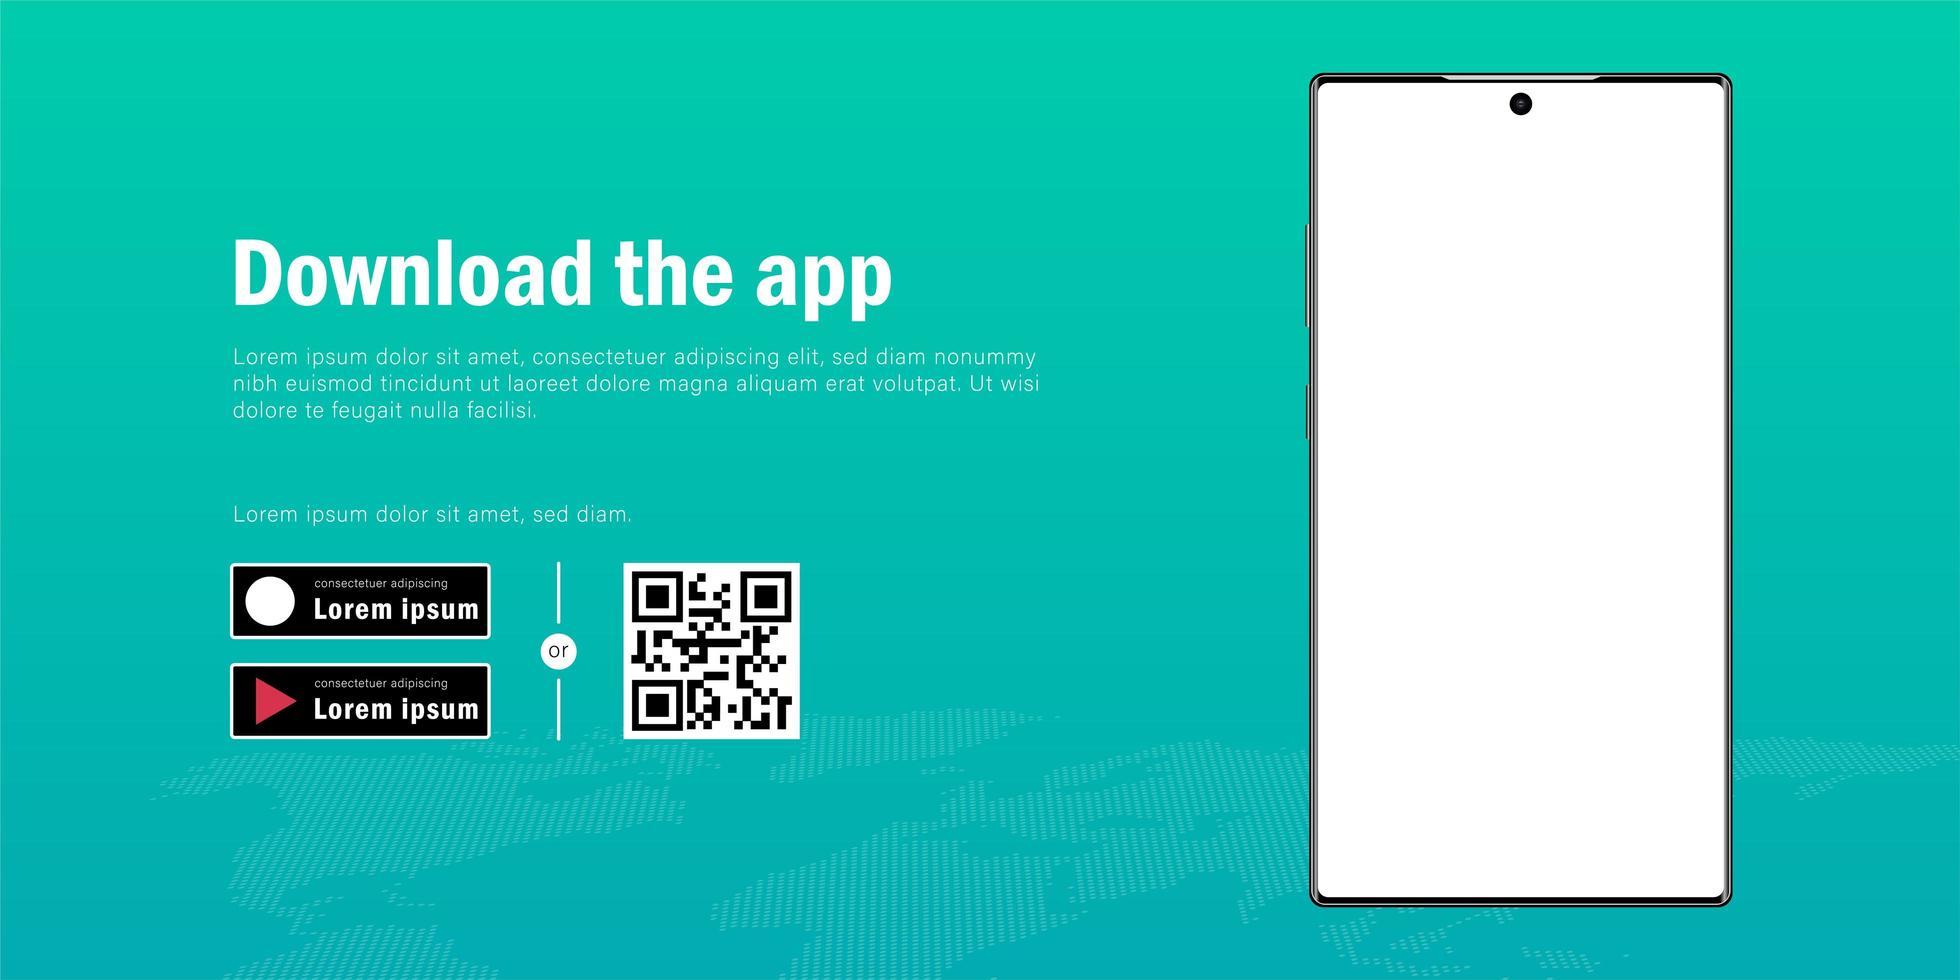 webbbanner för mobil smartphone mockup med annons för nedladdning av appen, qr-koden och knappmallen vektor